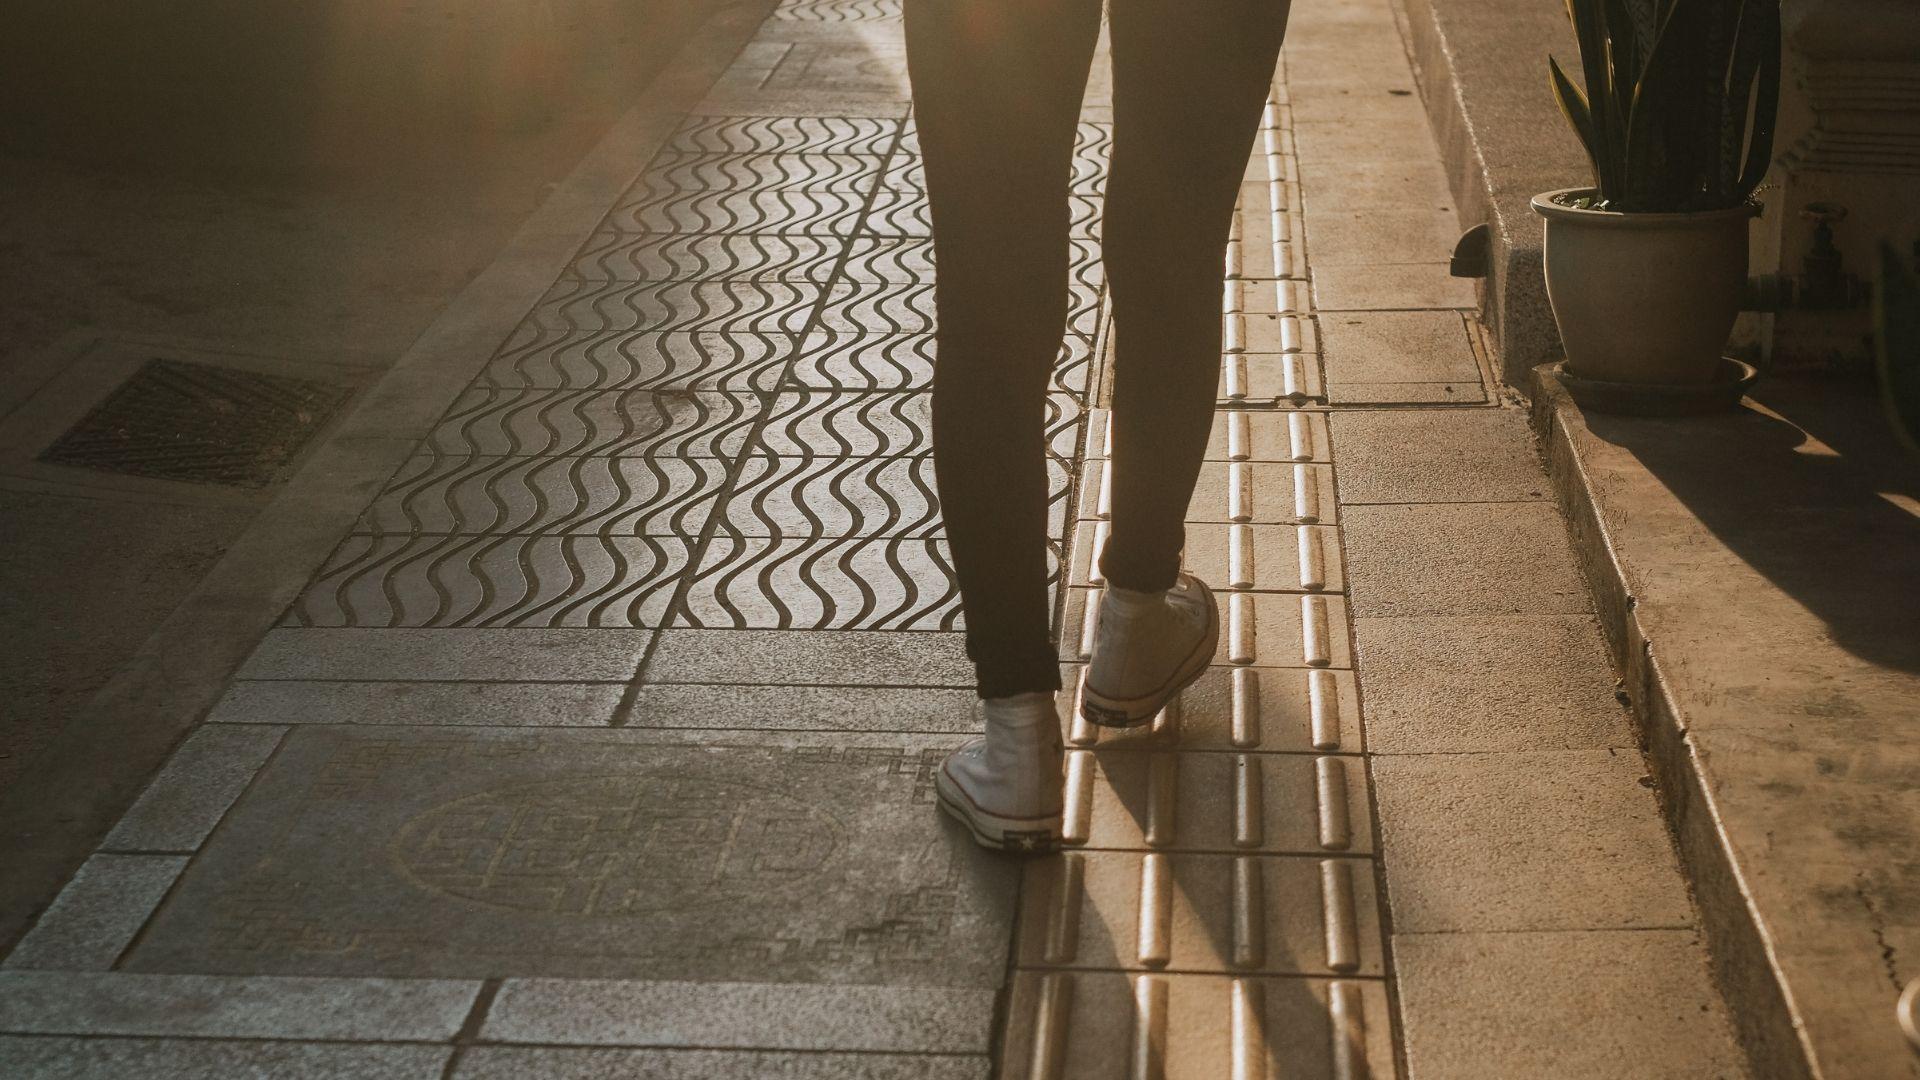 03 - 10000 Schritte Kalorien - ©www.canva.com